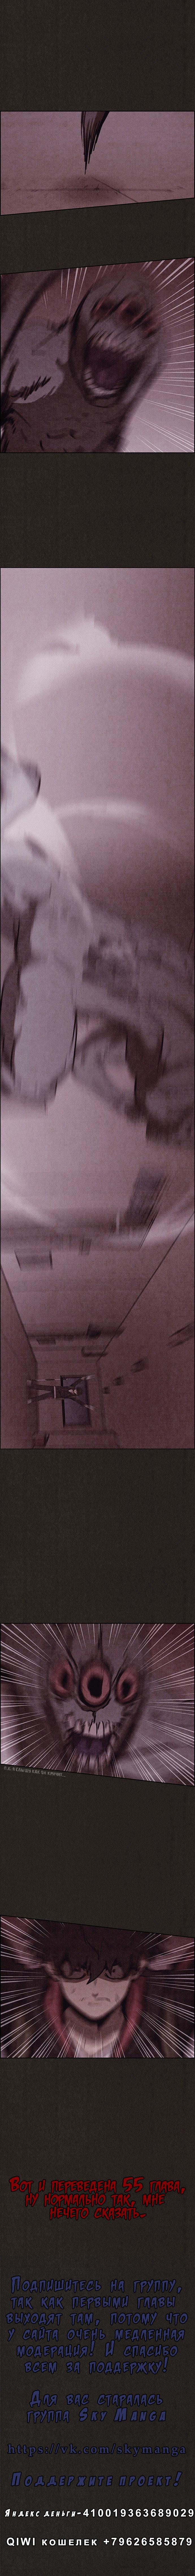 Манга Милый дом / Sweet Home (HWANG Youngchan) - Том 1 Глава 55 Страница 11